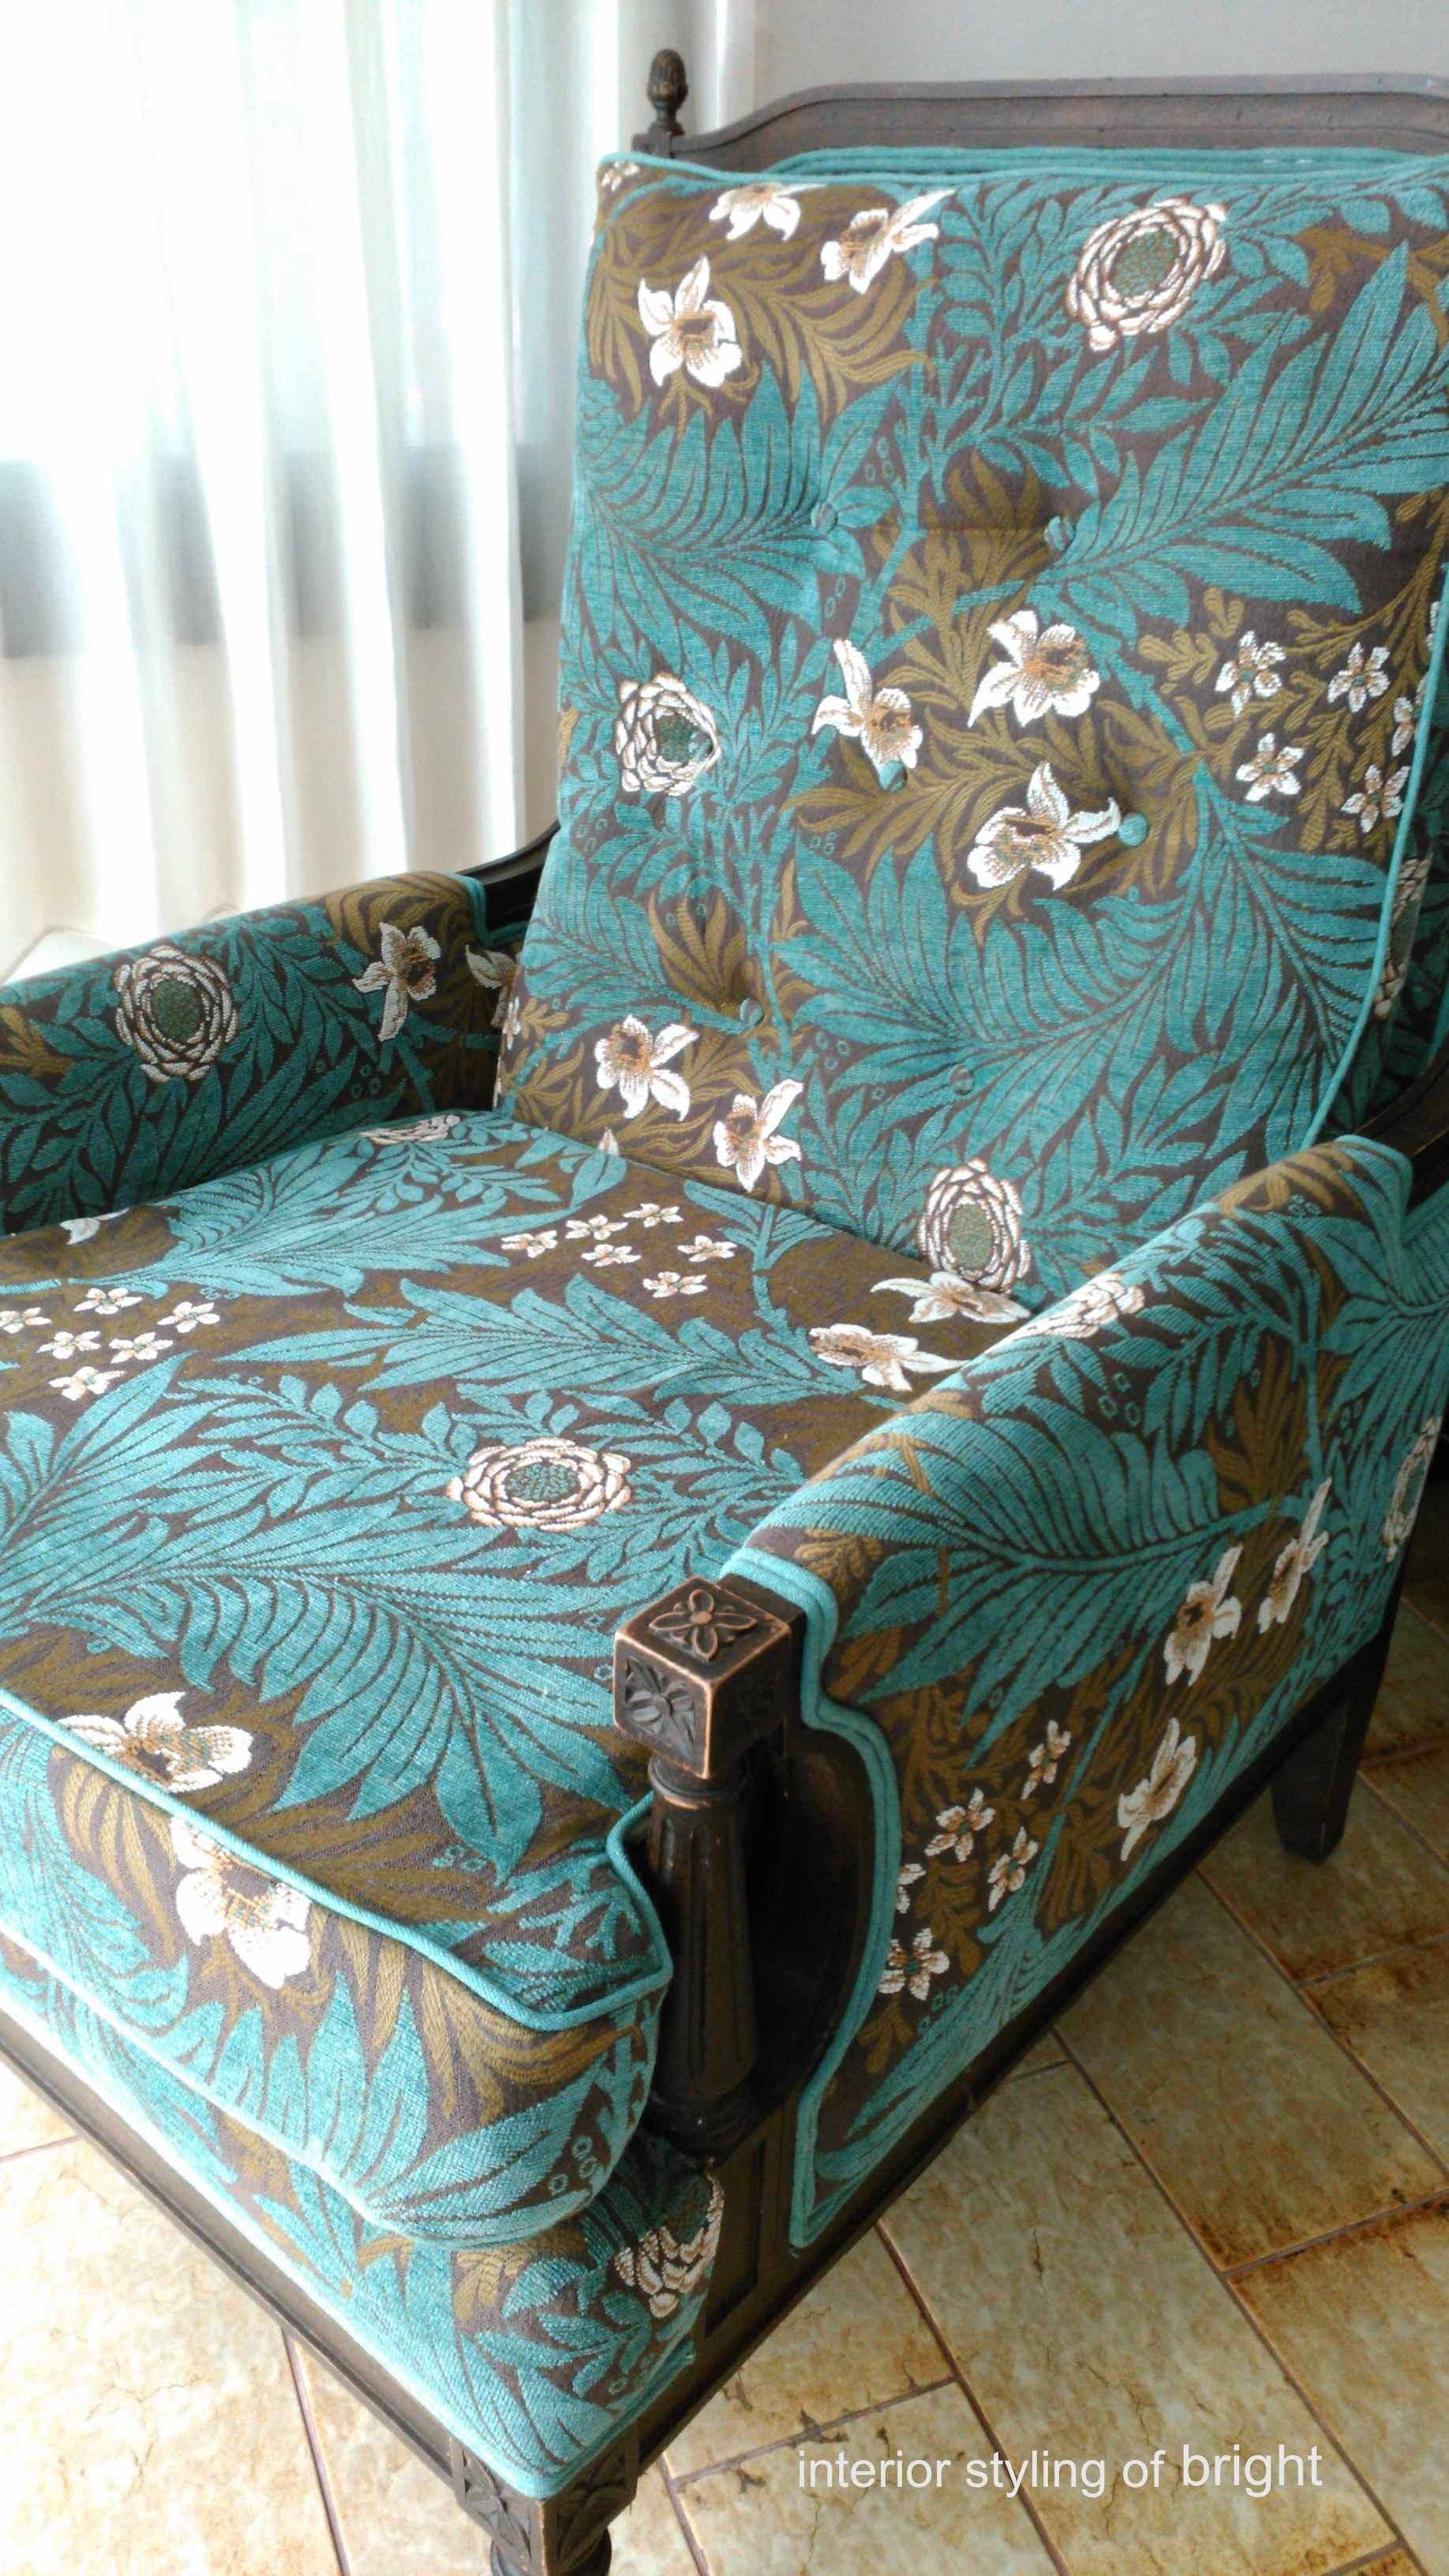 モリス 椅子張替『ラークスパー』 ウィリアムモリス正規販売店のブライト_c0157866_15062578.jpg